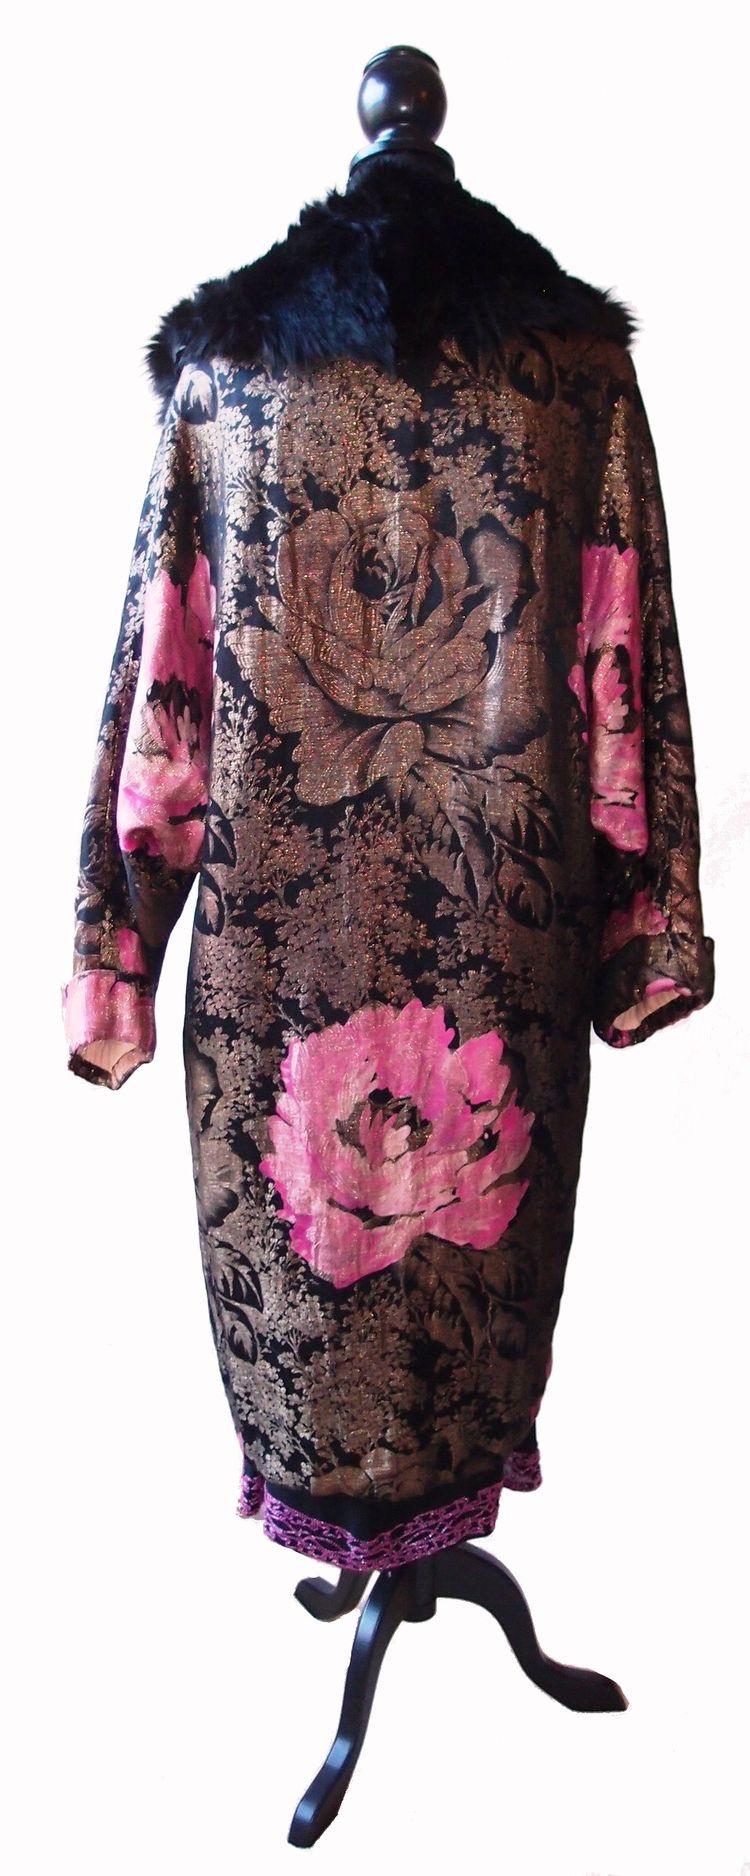 Flowerd Coat.JPG